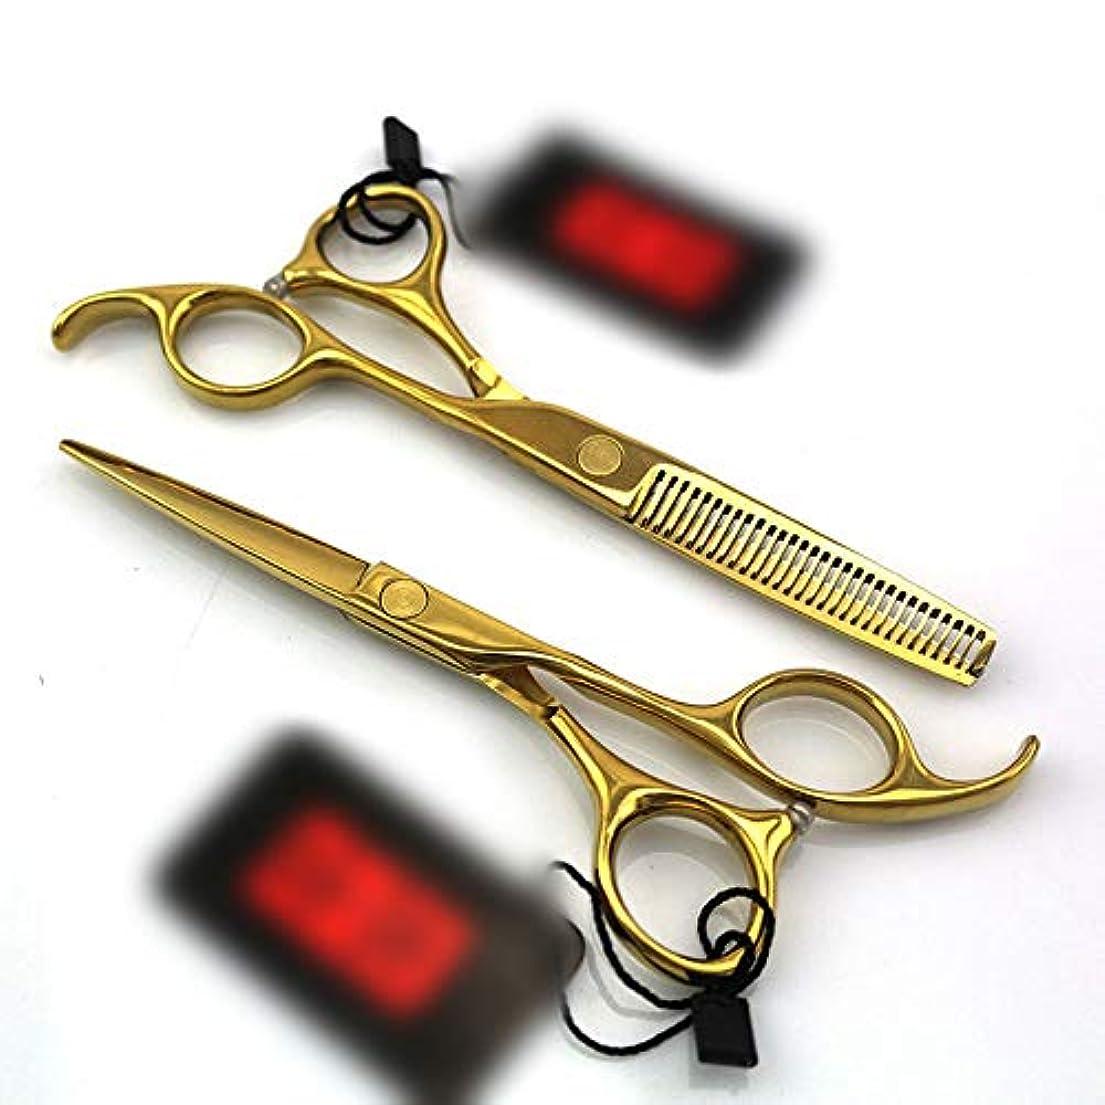 飽和する受粉するカリングGoodsok-jp 5.5インチのまっすぐなハンドルの理髪店のめっきの金の専門の理髪 (色 : ゴールド)